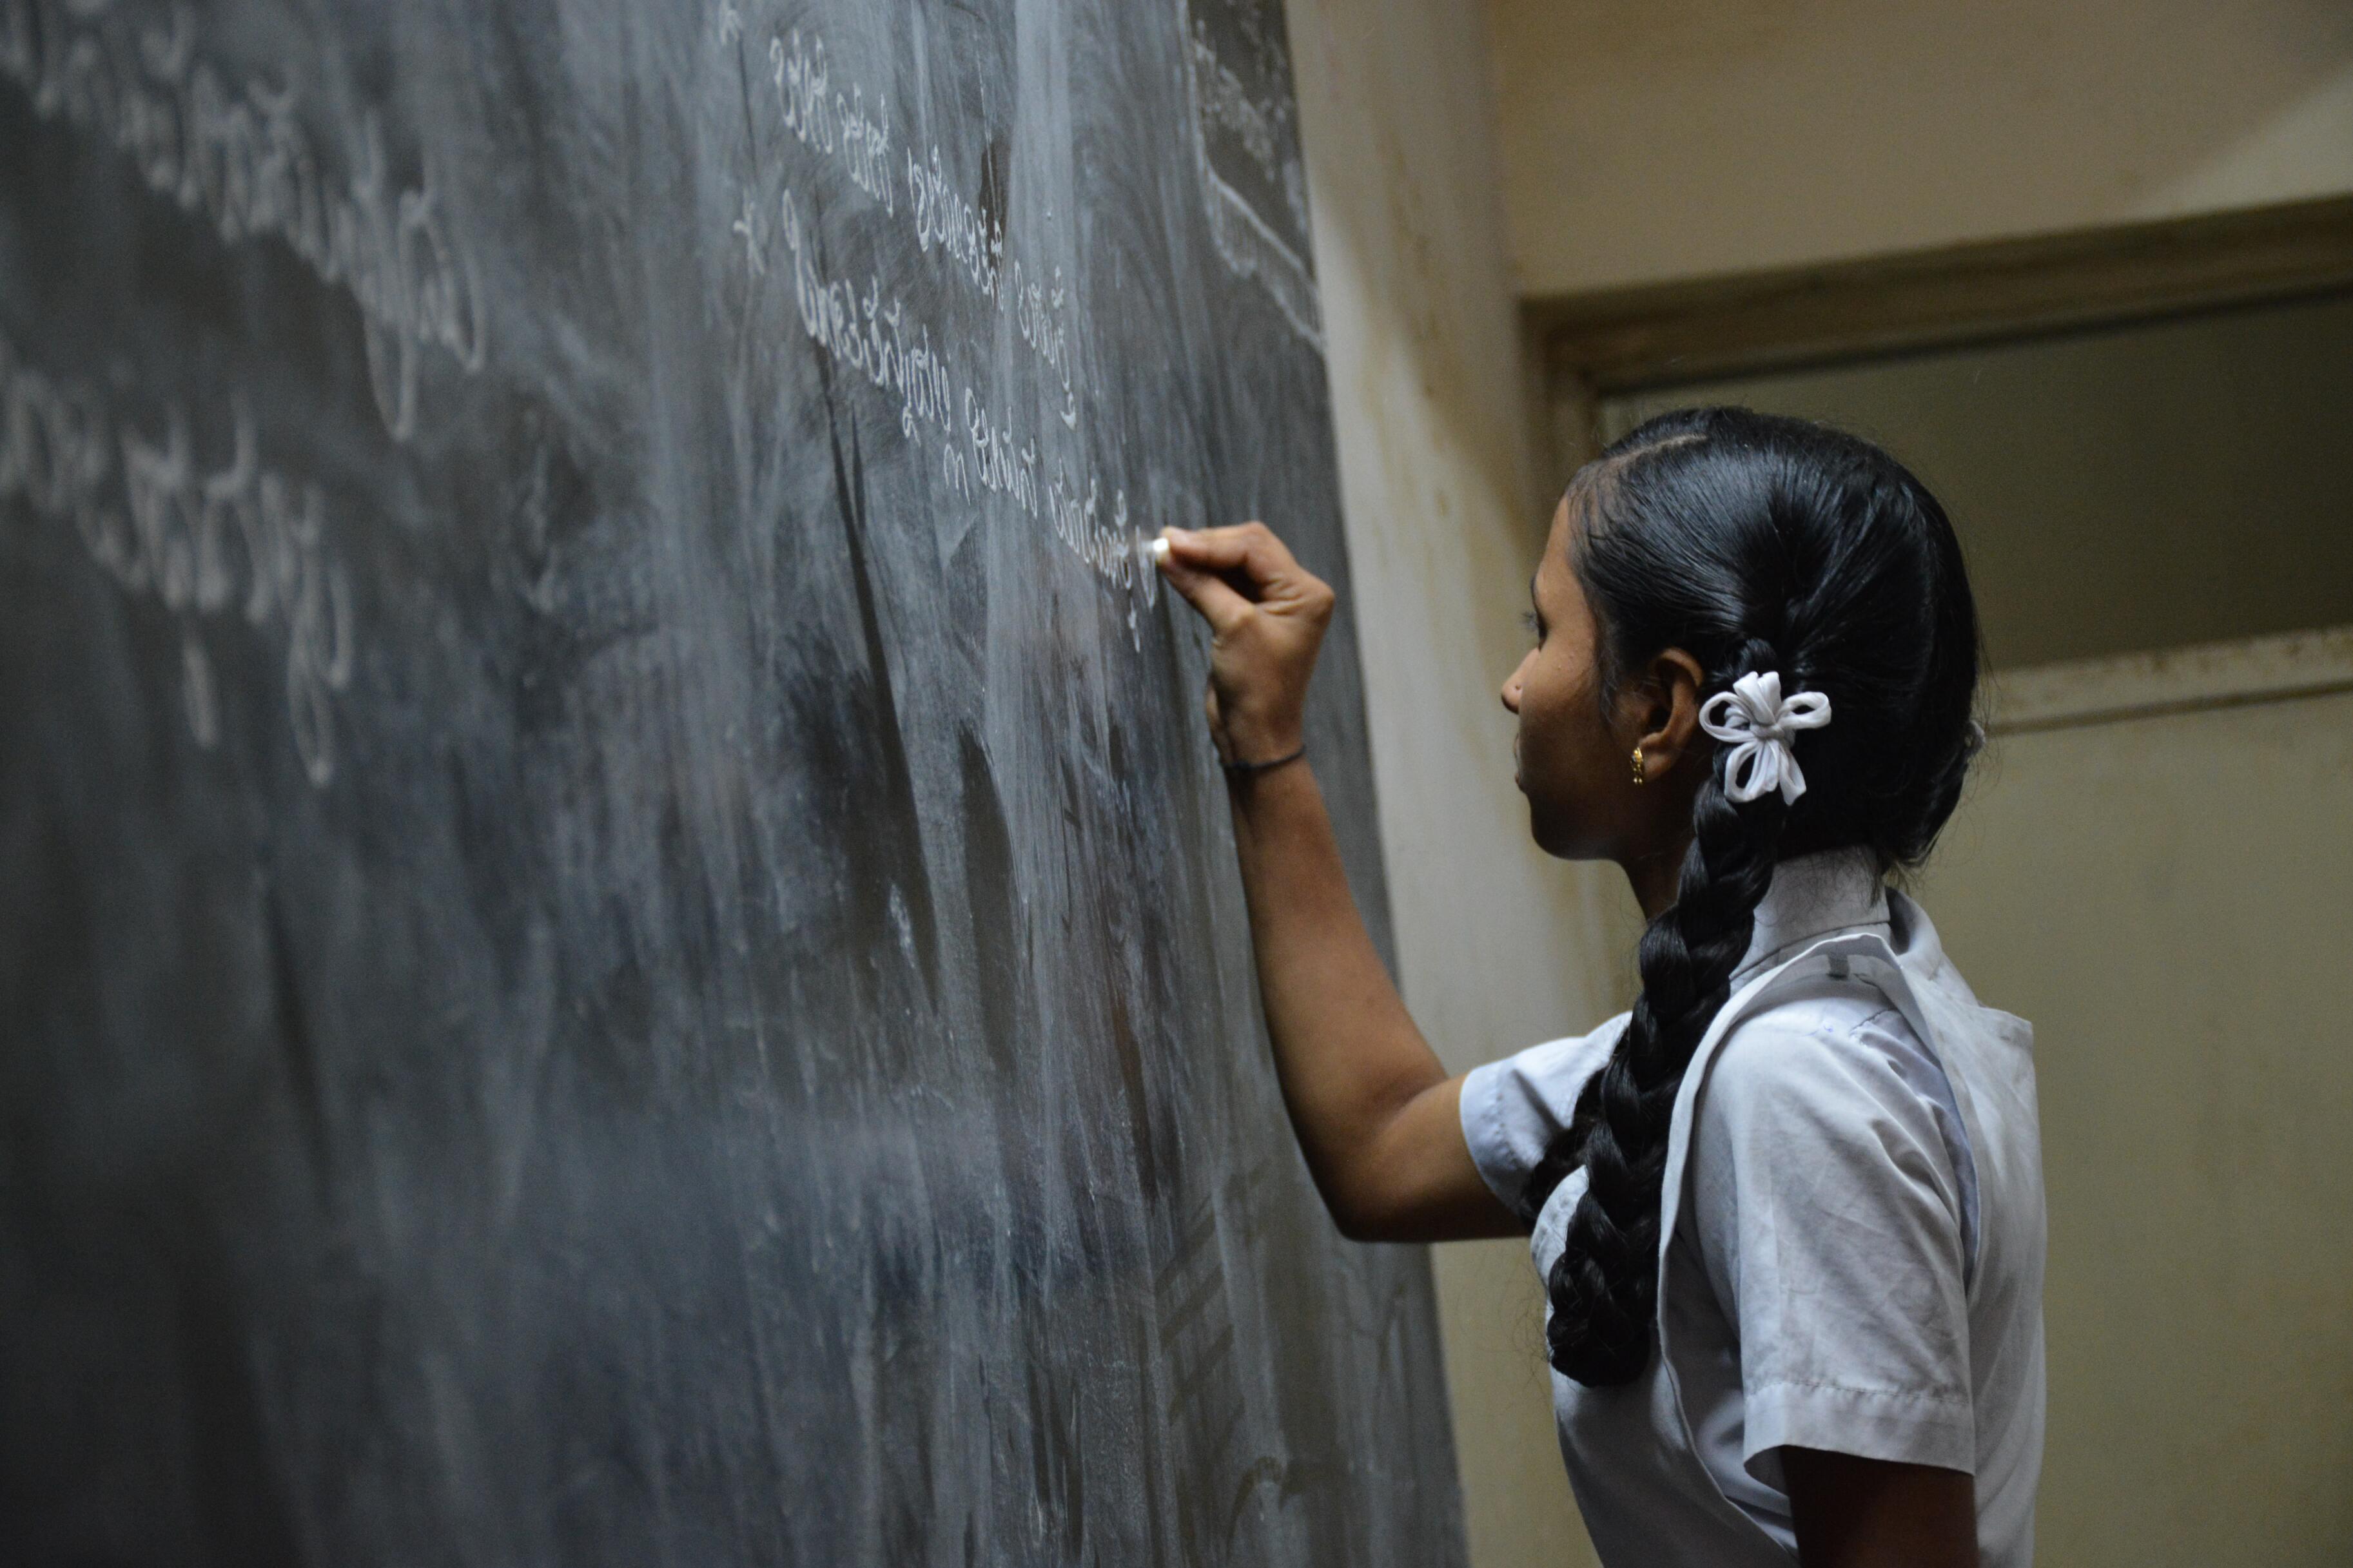 В индийском штате отключили интернет, чтобы люди не списывали на экзамене